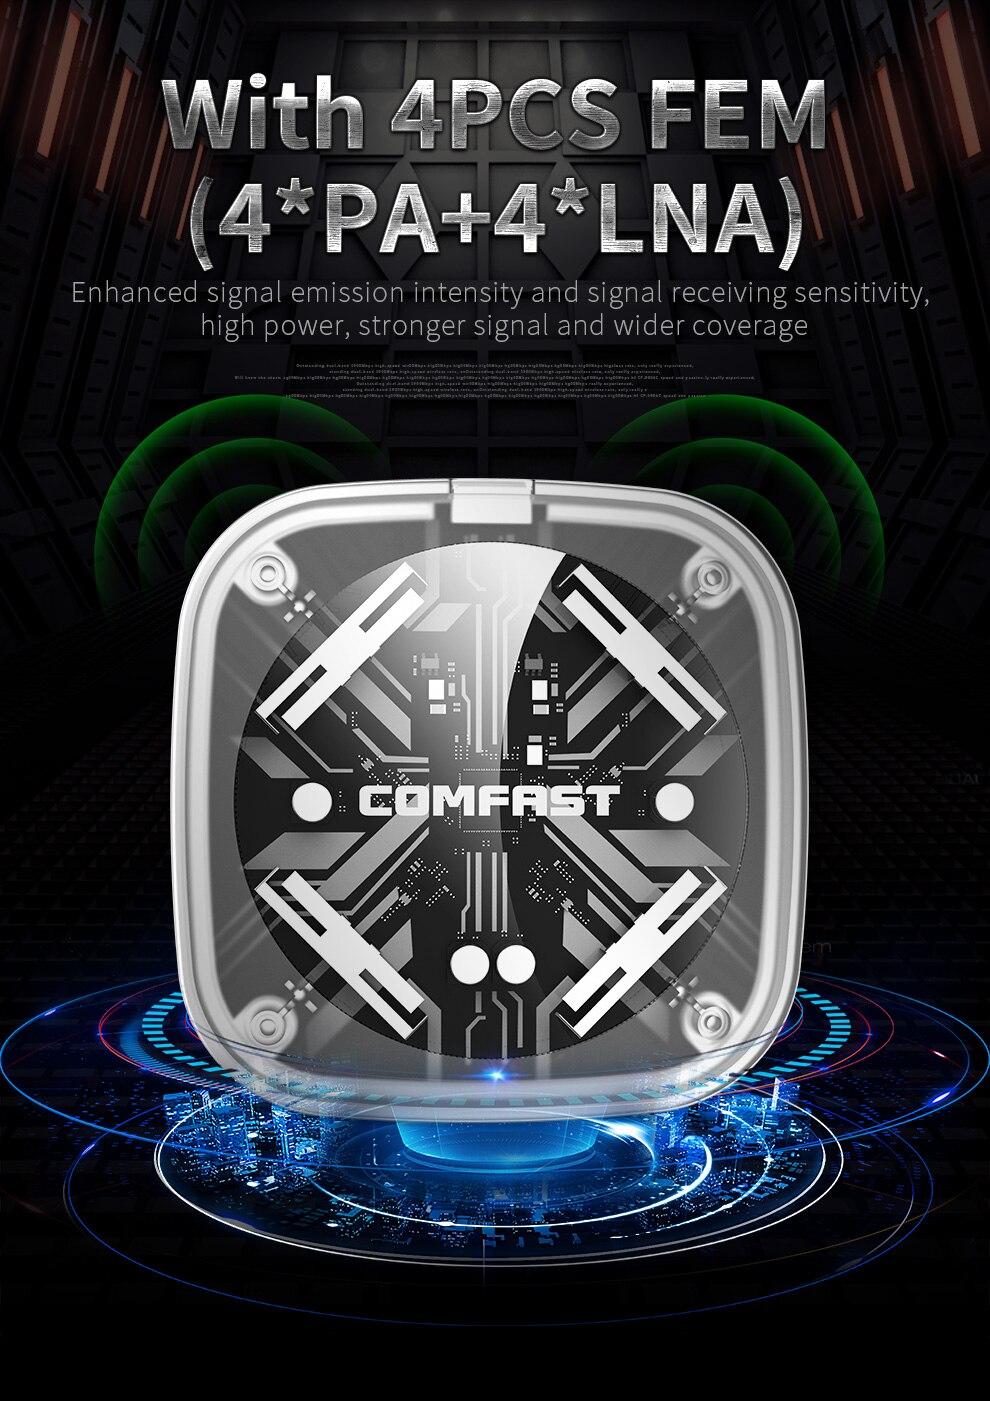 محول واي فاي لاسلكي 1900Mbps ثنائي النطاق 5Ghz 2.4Ghz محول 802.11ac RTL8814AU شرائح دونغل الجوي USB بطاقة الشبكة الصغيرة